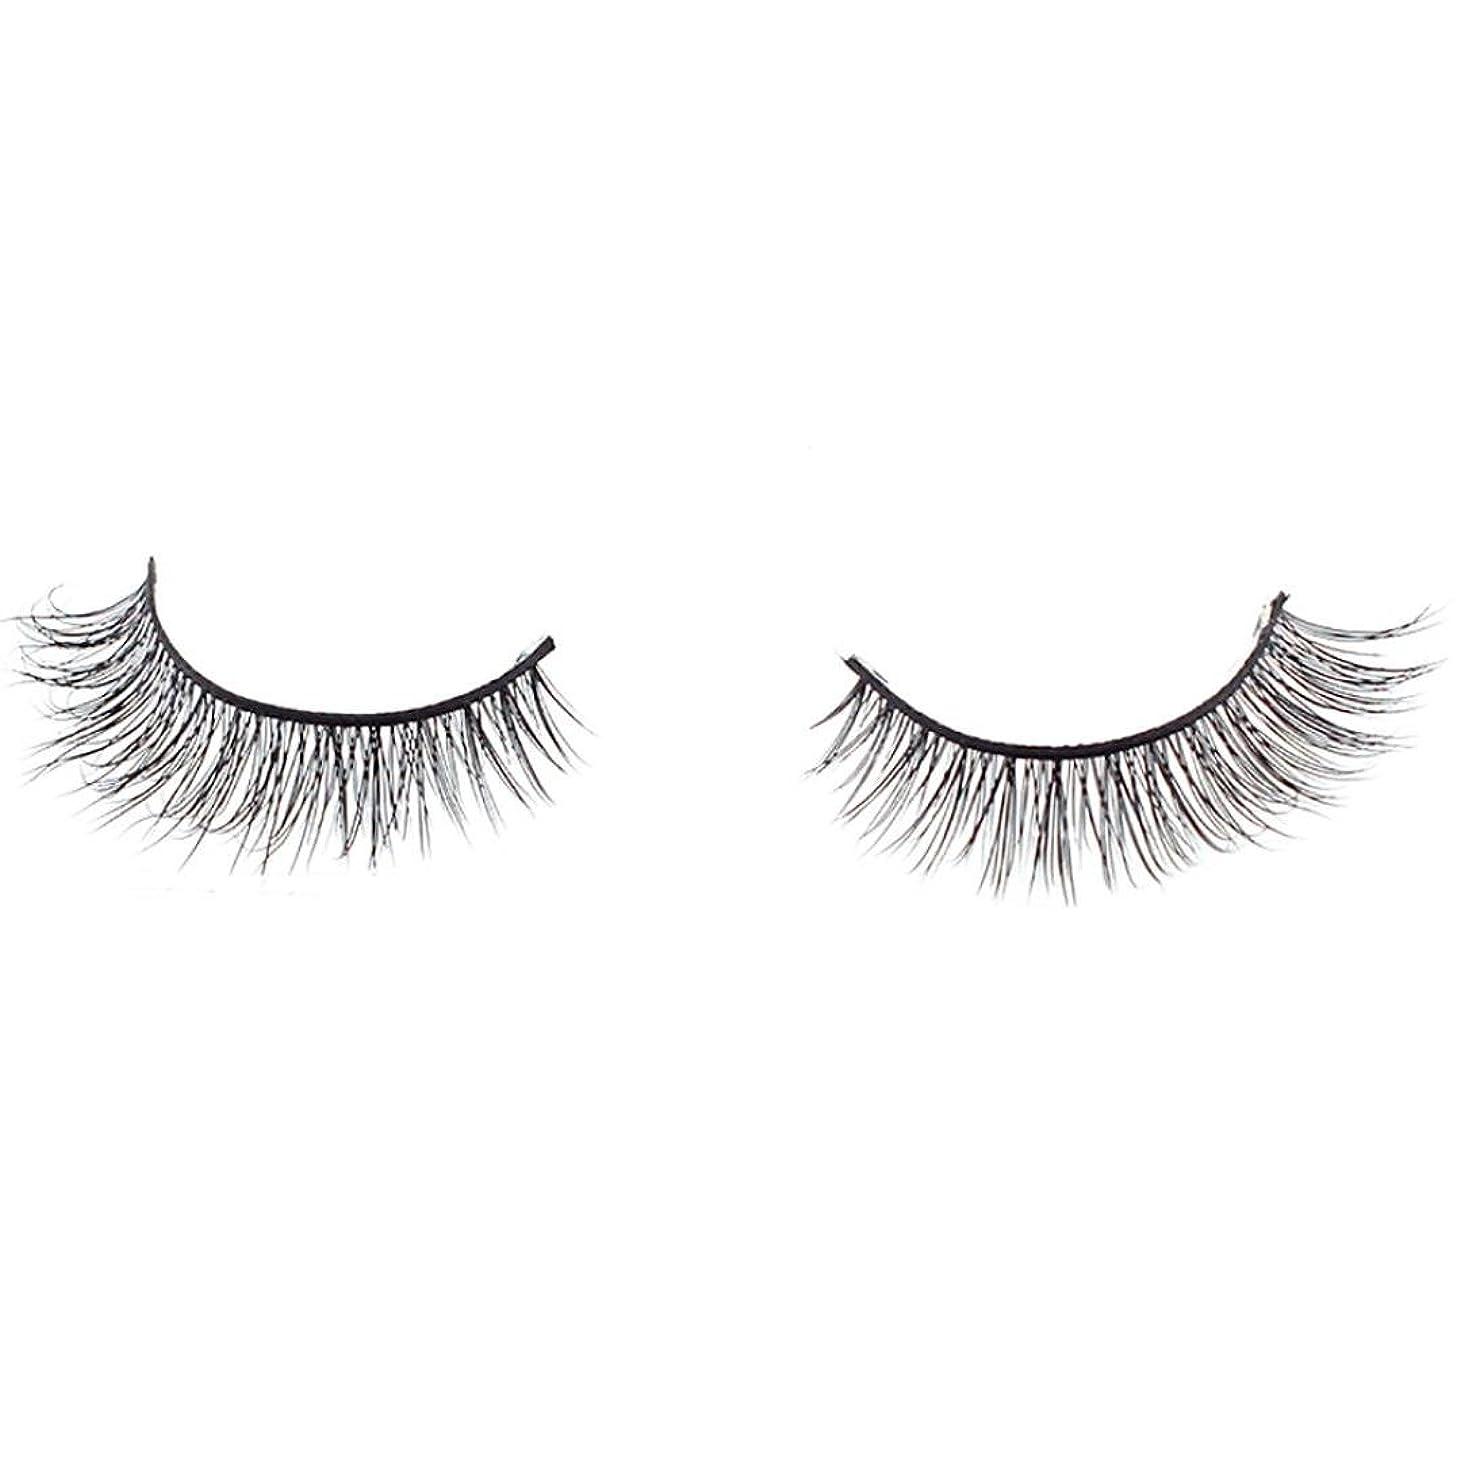 すべき強度震えるFeteso 1双 つけまつげ 上まつげ Eyelashes アイラッシュ ビューティー まつげエクステ扩展 レディース 化粧ツール アイメイクアップ 人気 ナチュラル 柔らかい 装着簡単 綺麗 変身